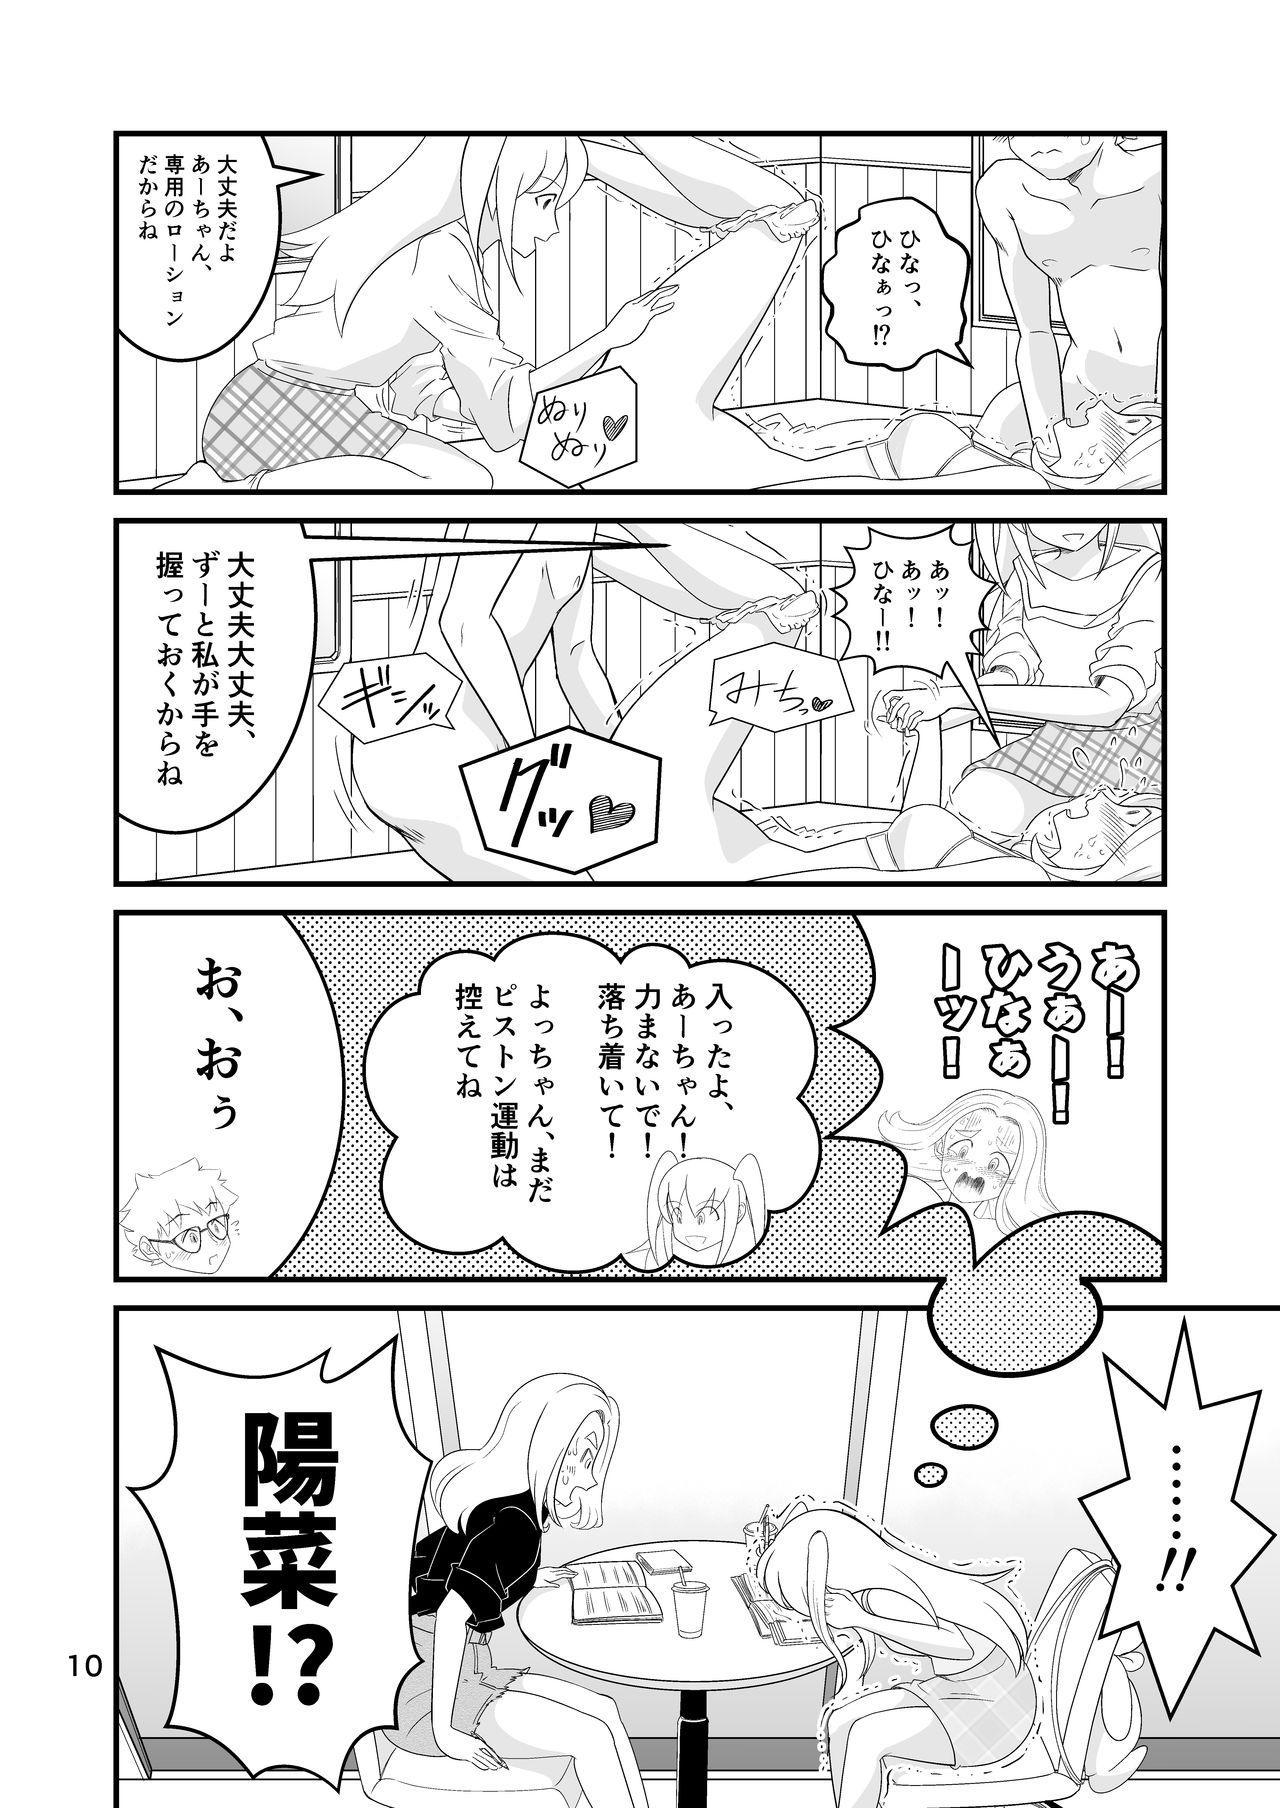 Watamote Seishun Omnibus 9